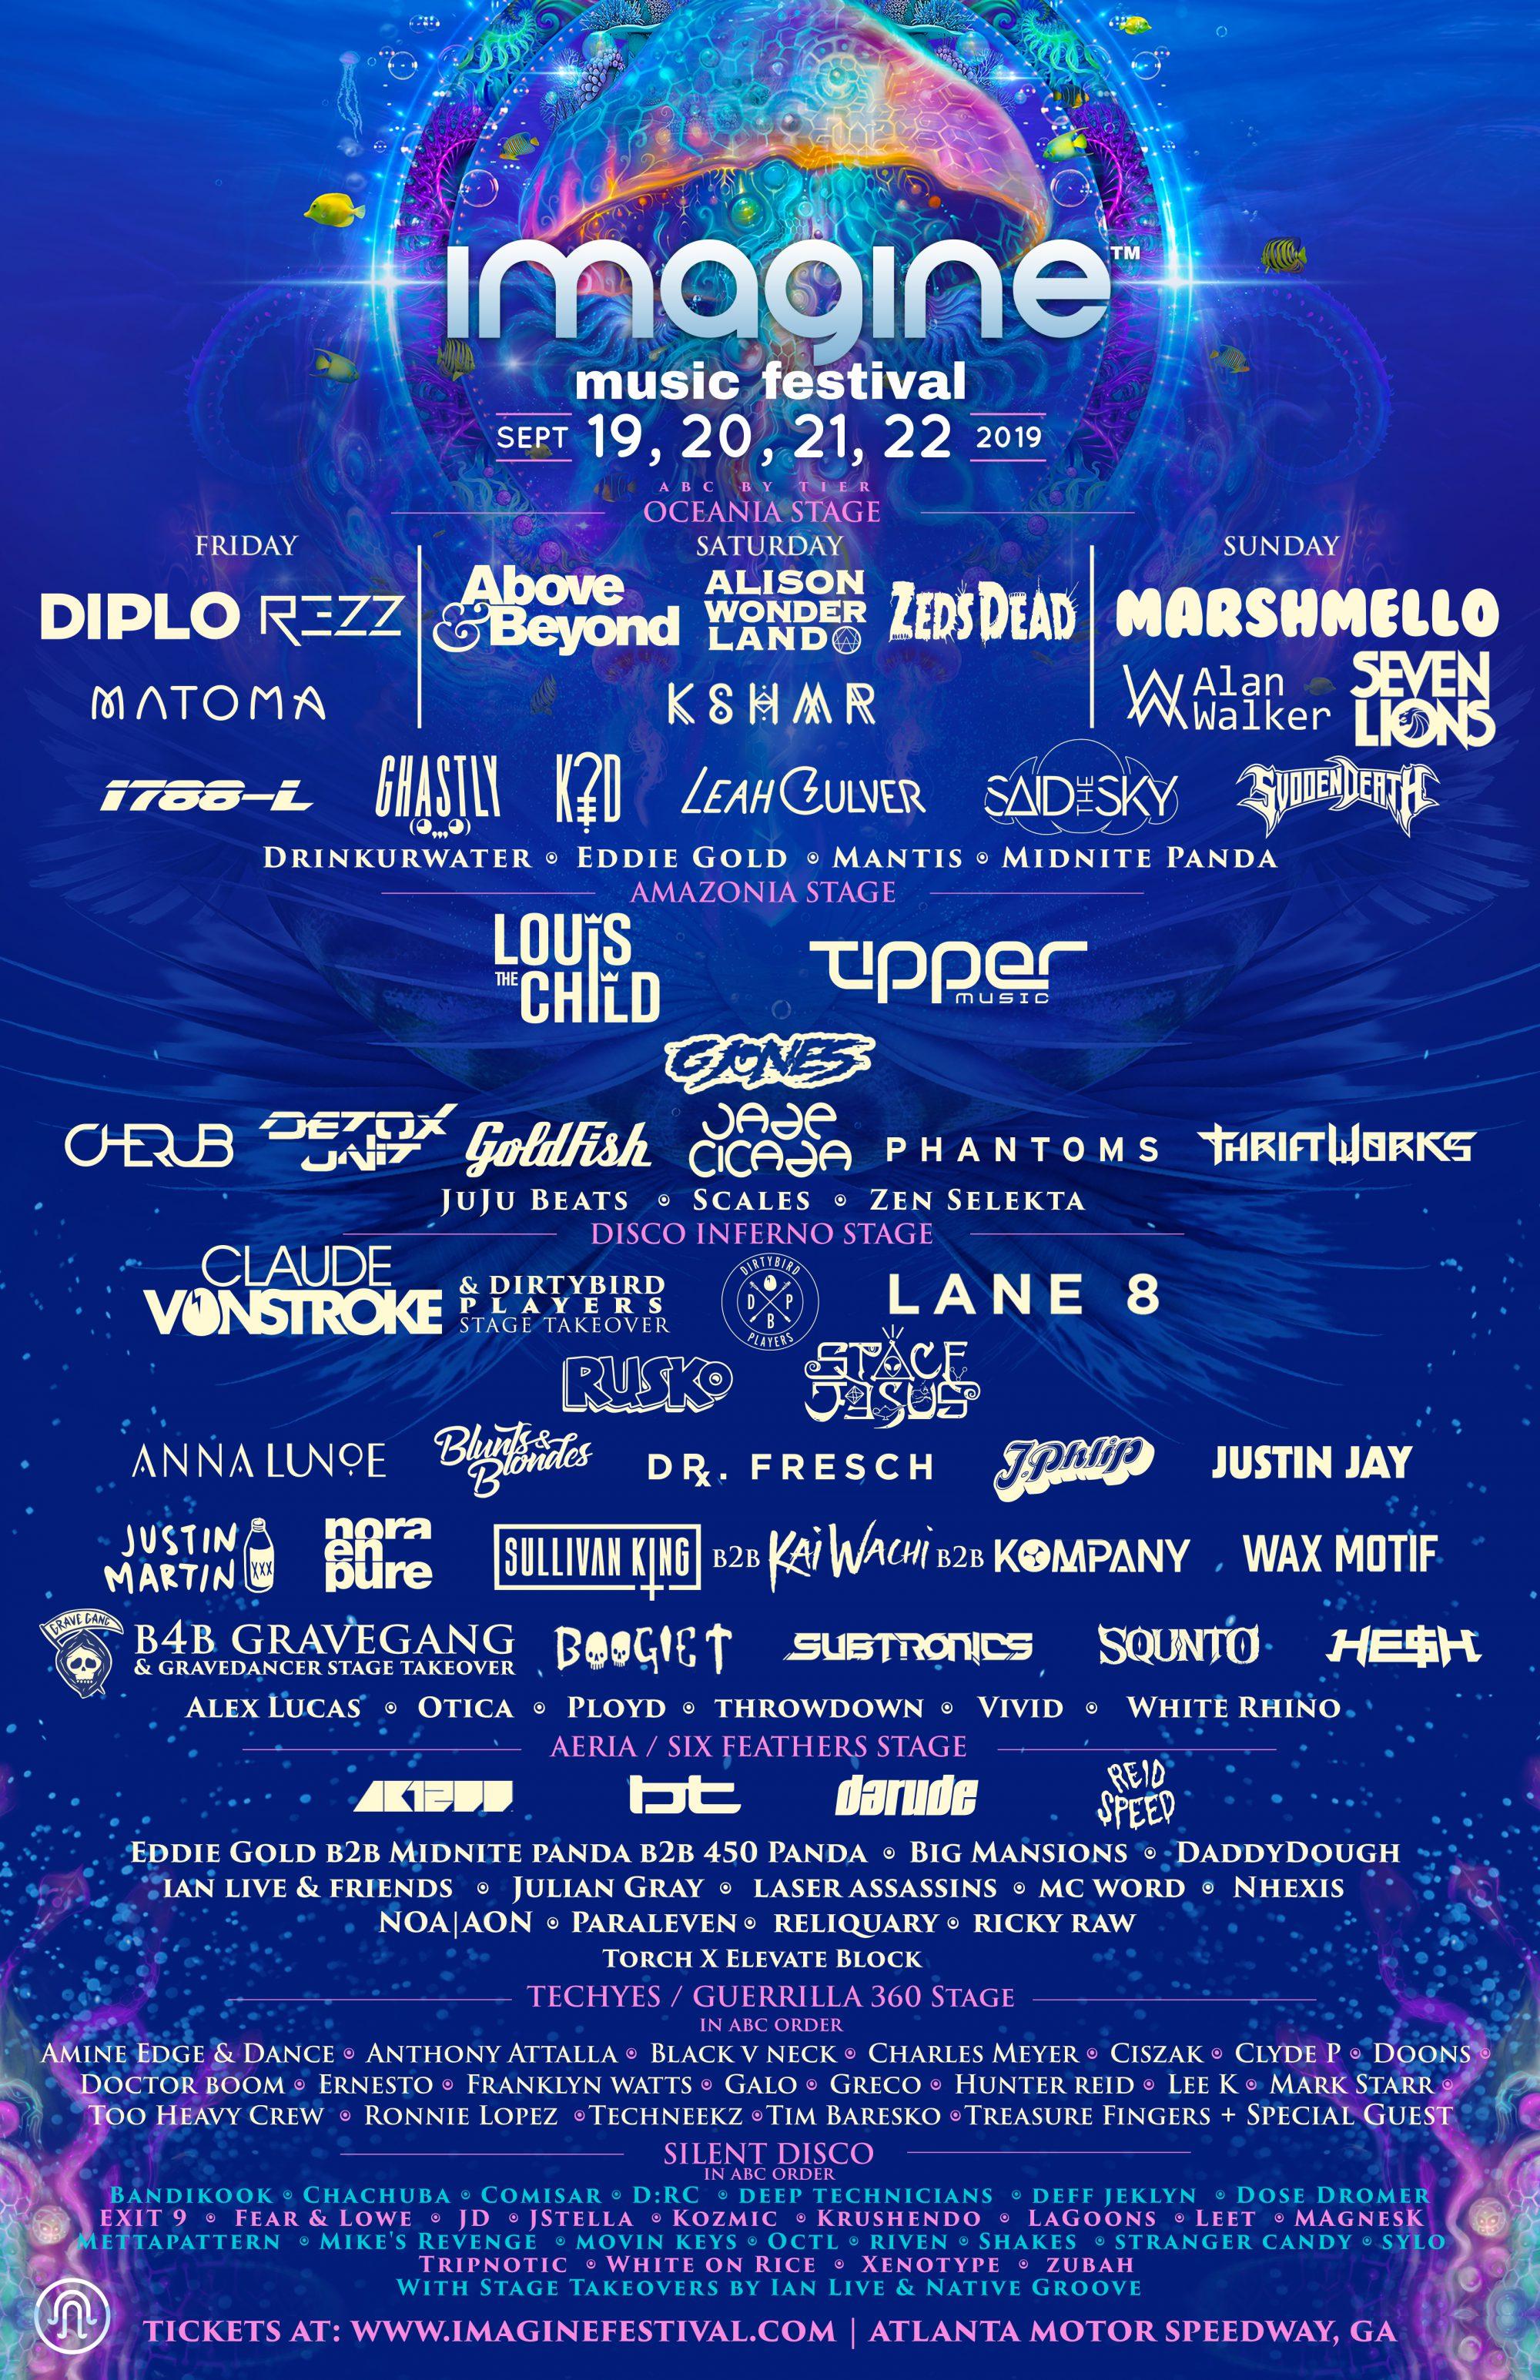 Imagine Music Festival 2019 Full Lineup